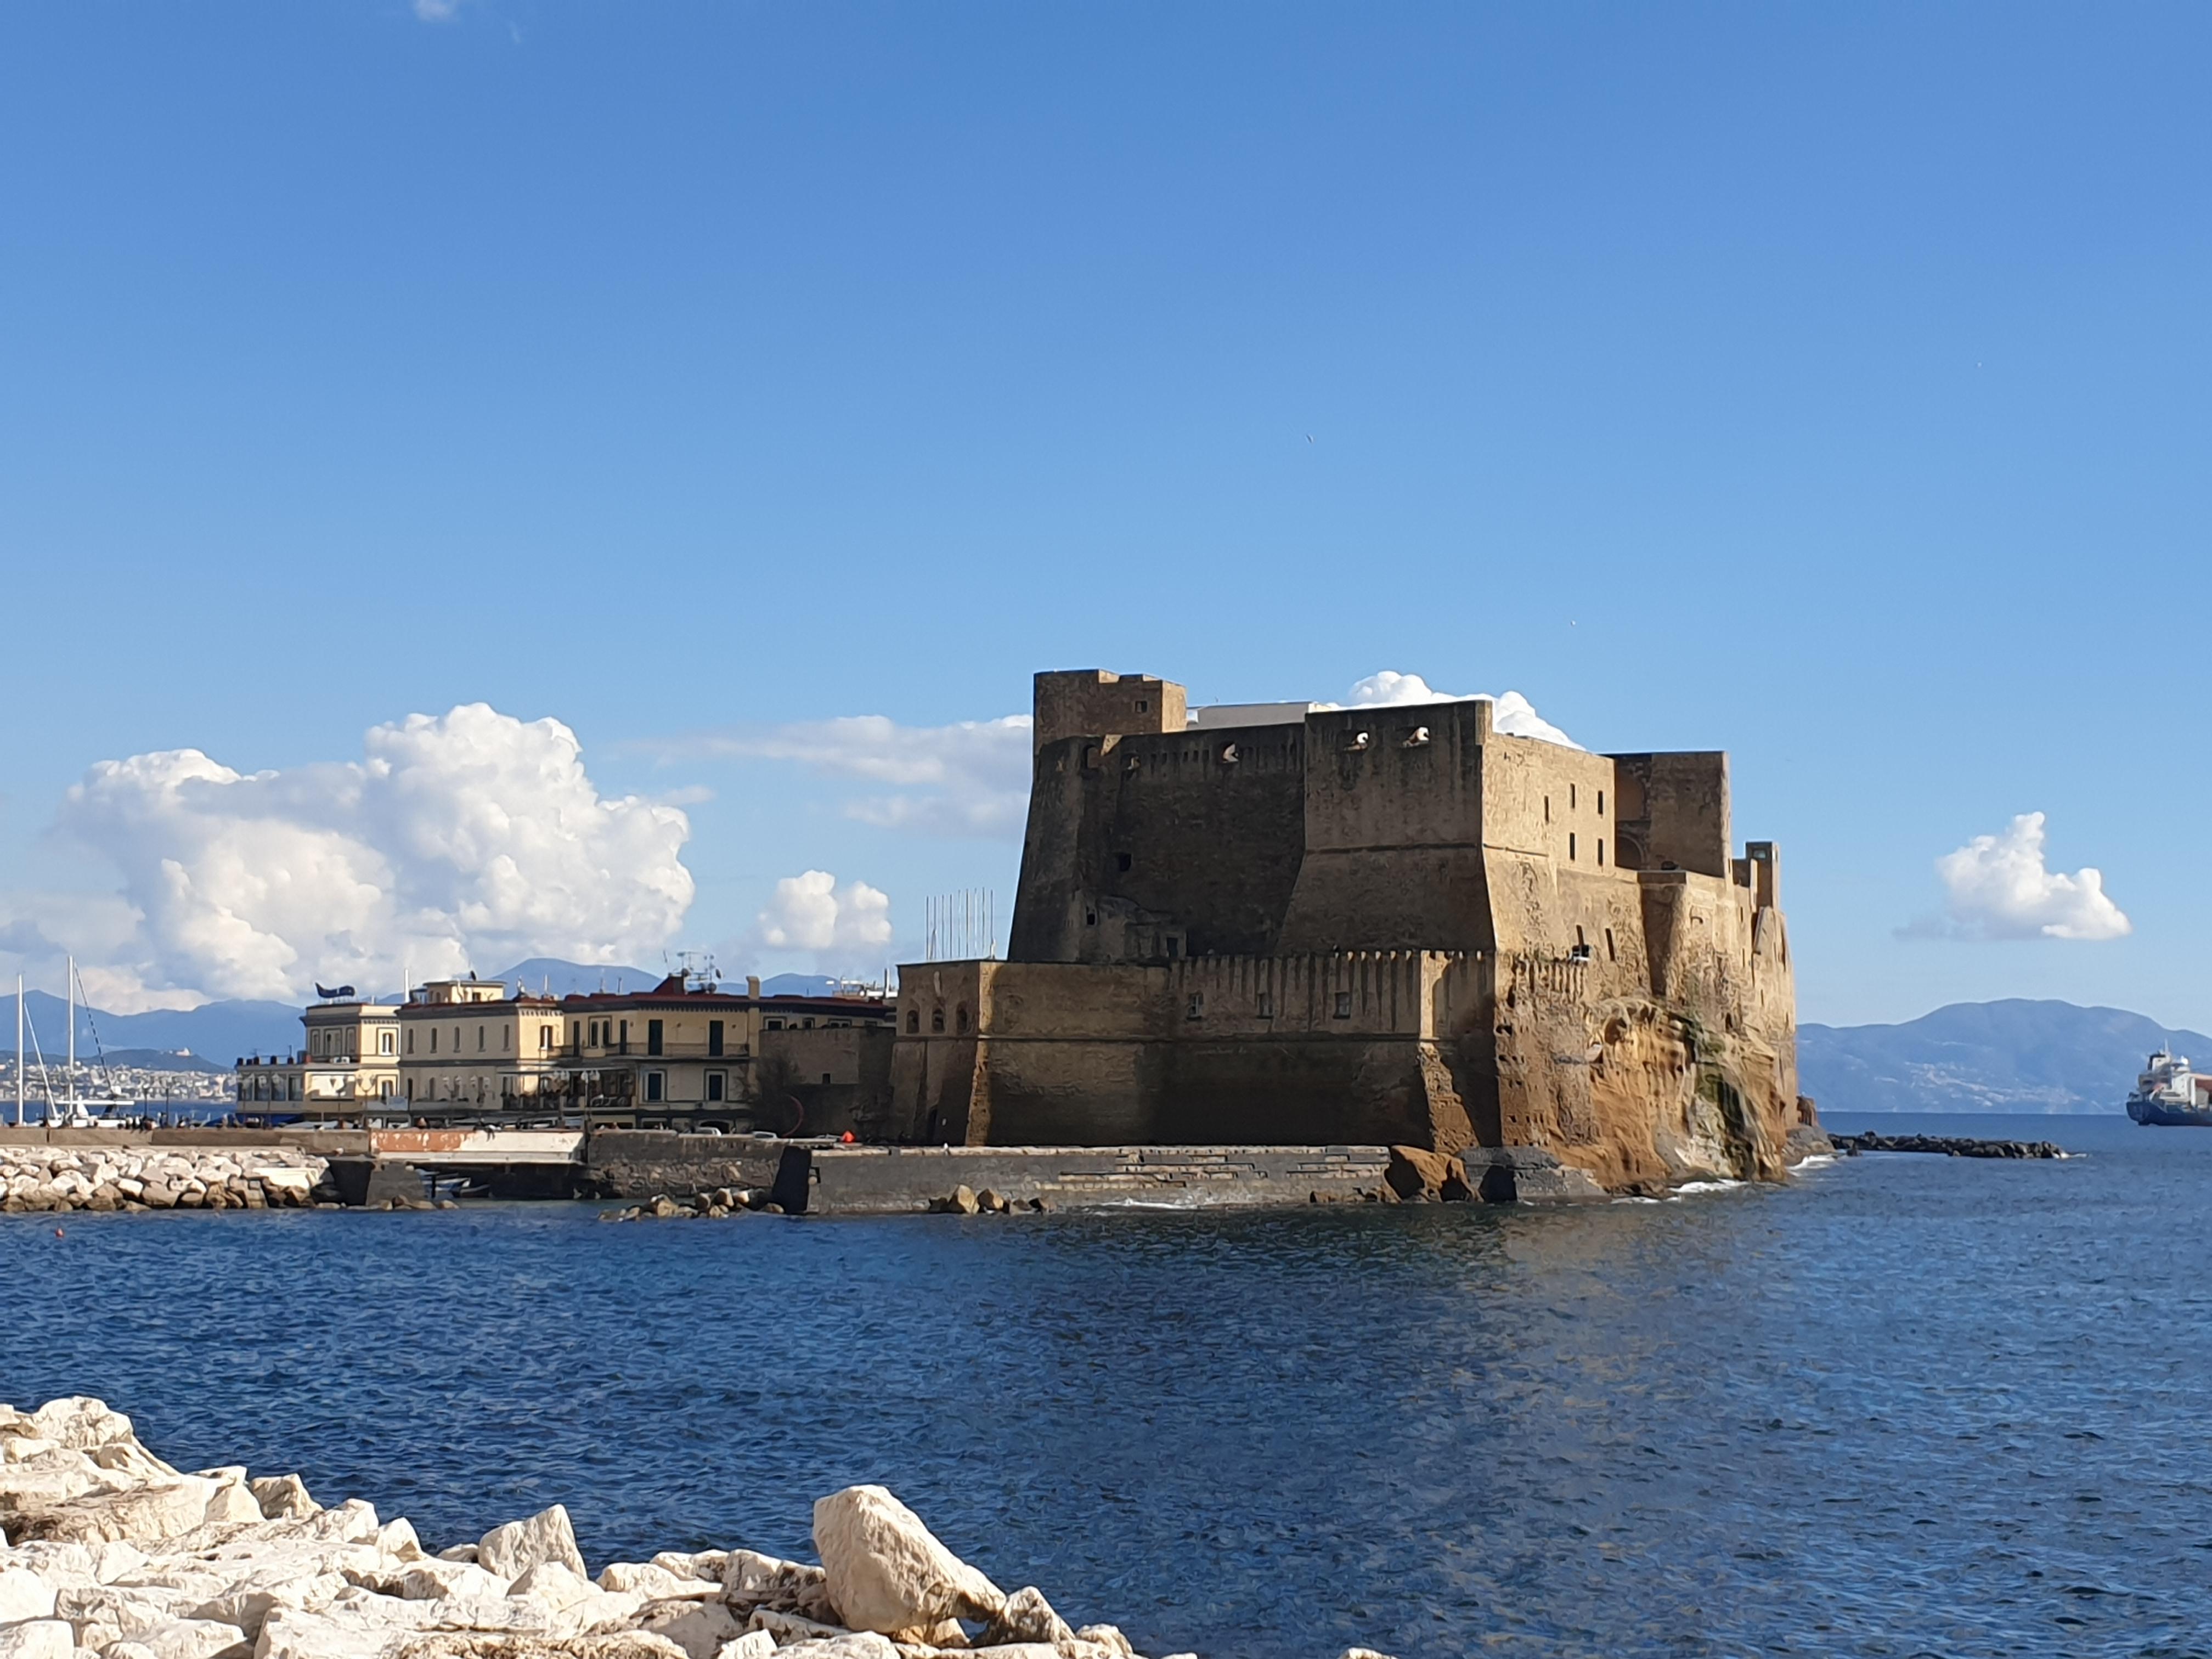 Torre dell'Ovo - Lungomare di Napoli